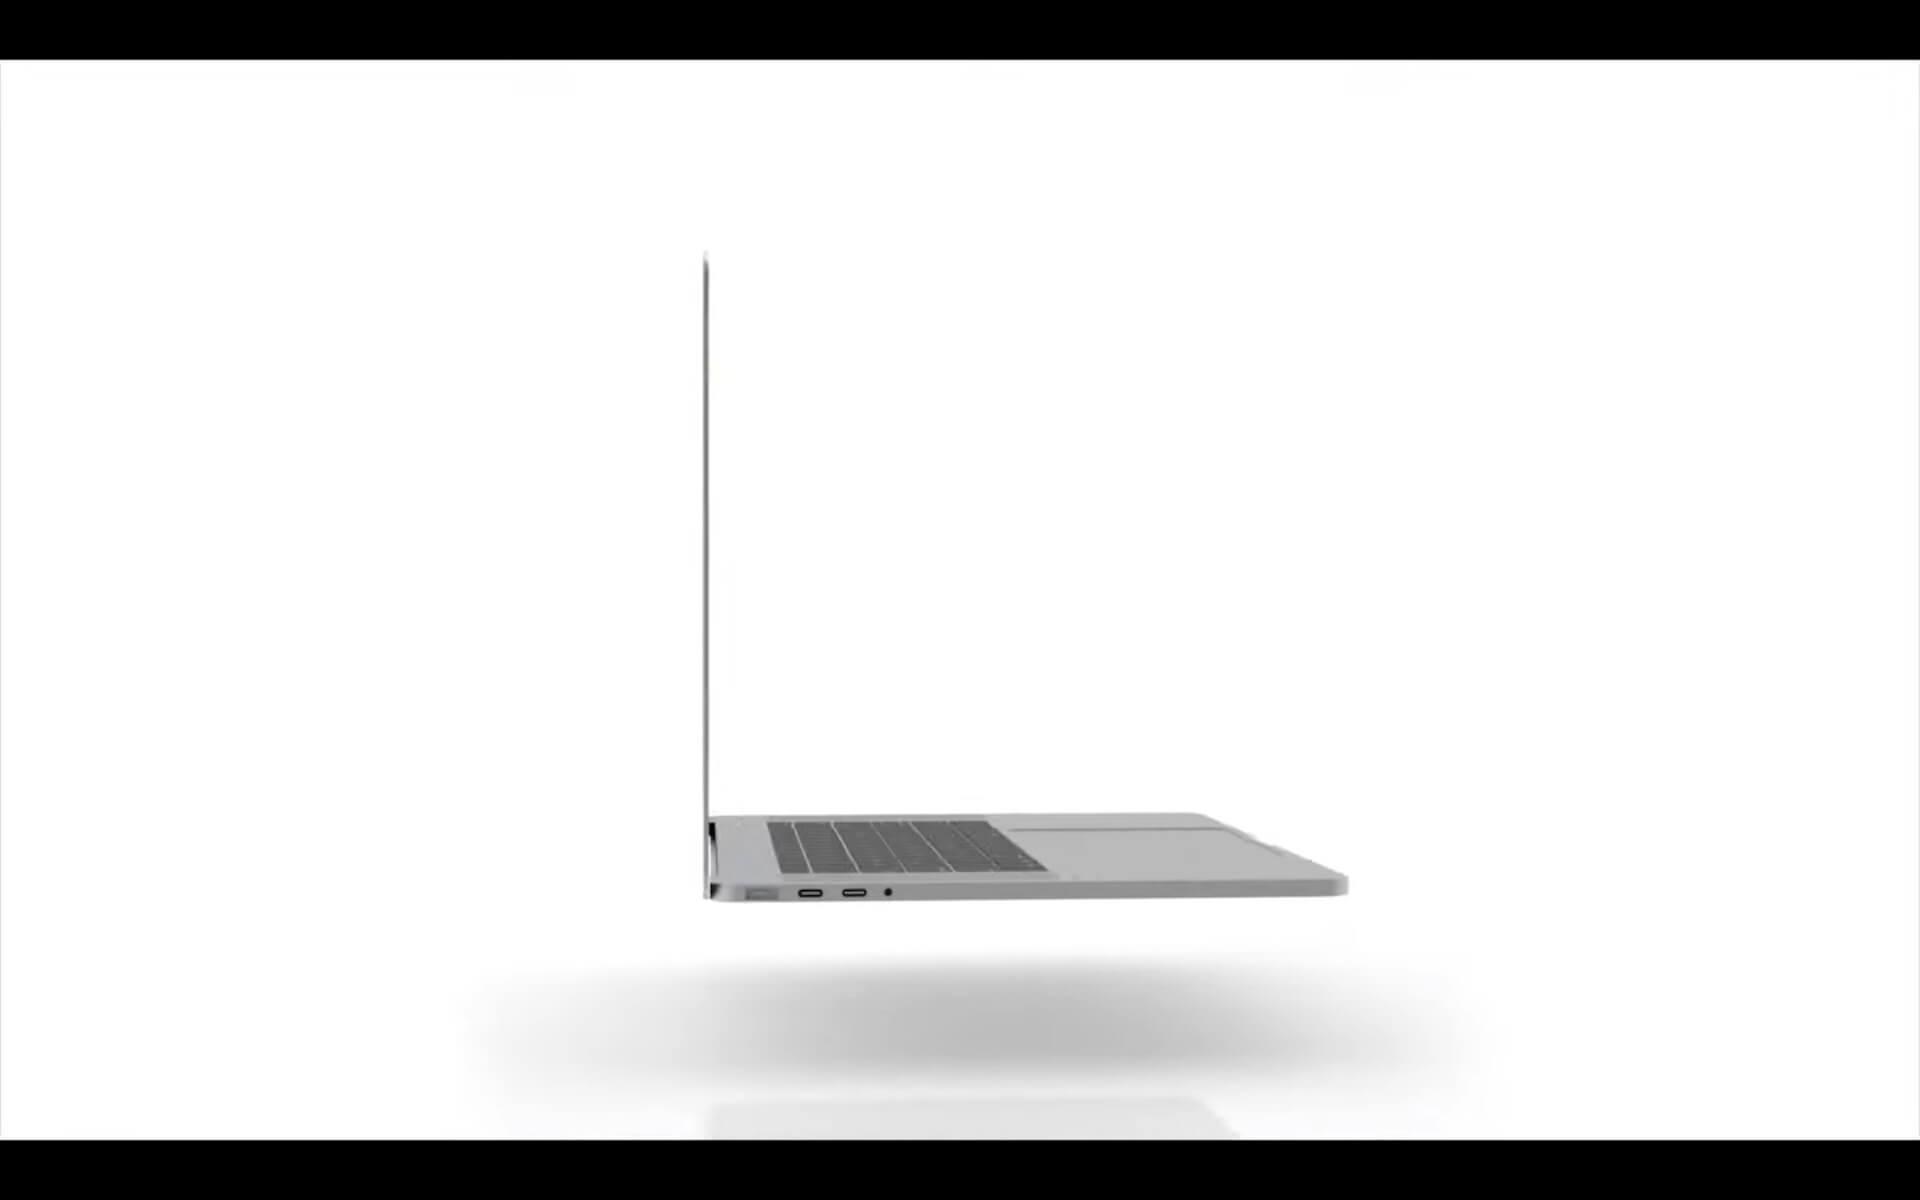 今年第3四半期登場のMacBook Proはこんなデザインに?リーク情報を基にしたコンセプト画像が公開 tech210118_macbookpro_1